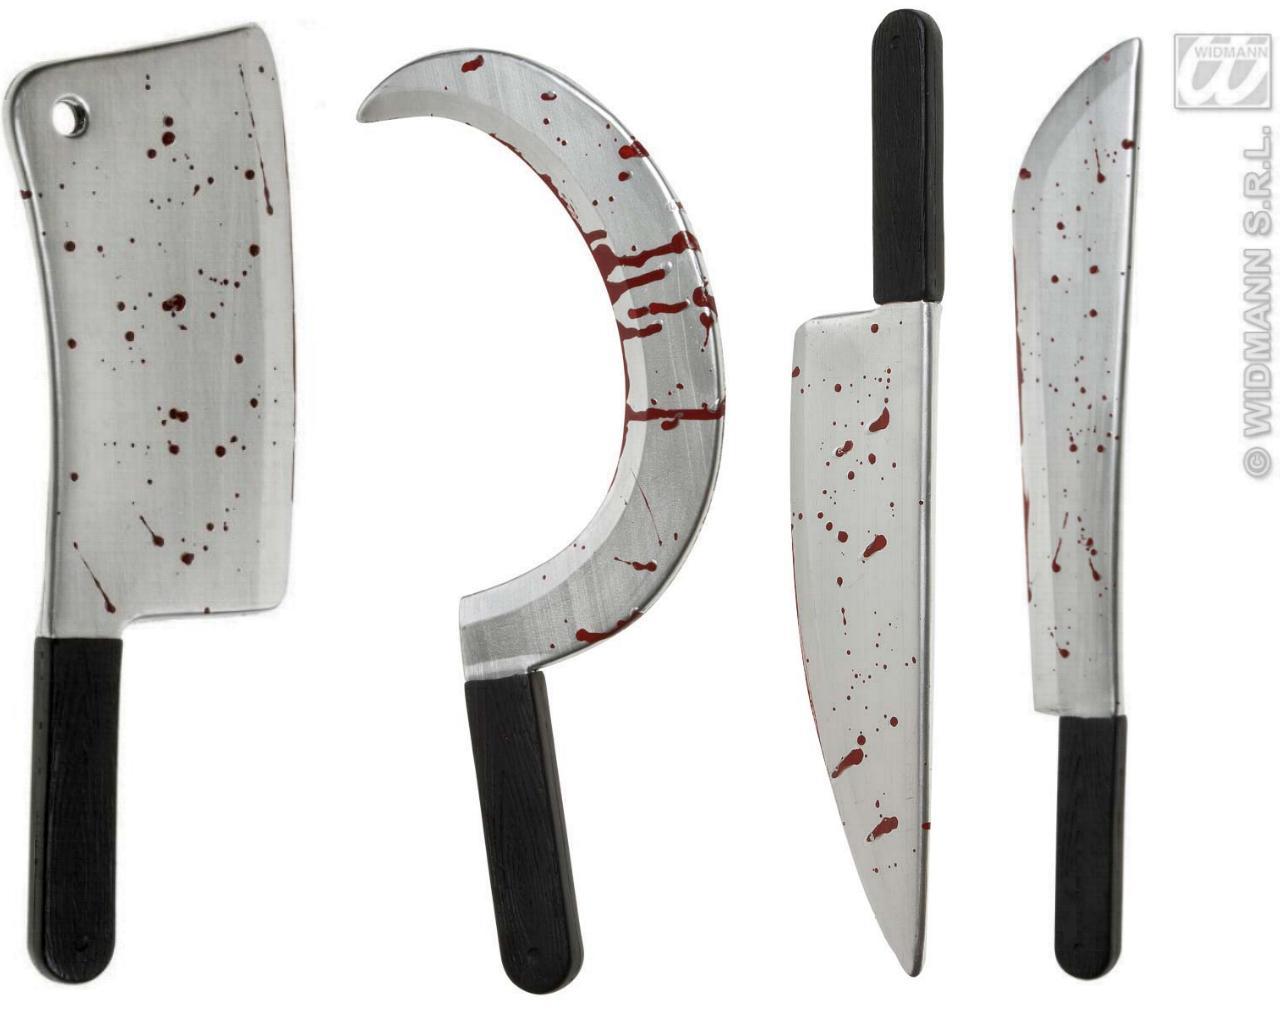 Blutiges Beil, Machete, Messer, Sichel, Halloween Sense  860